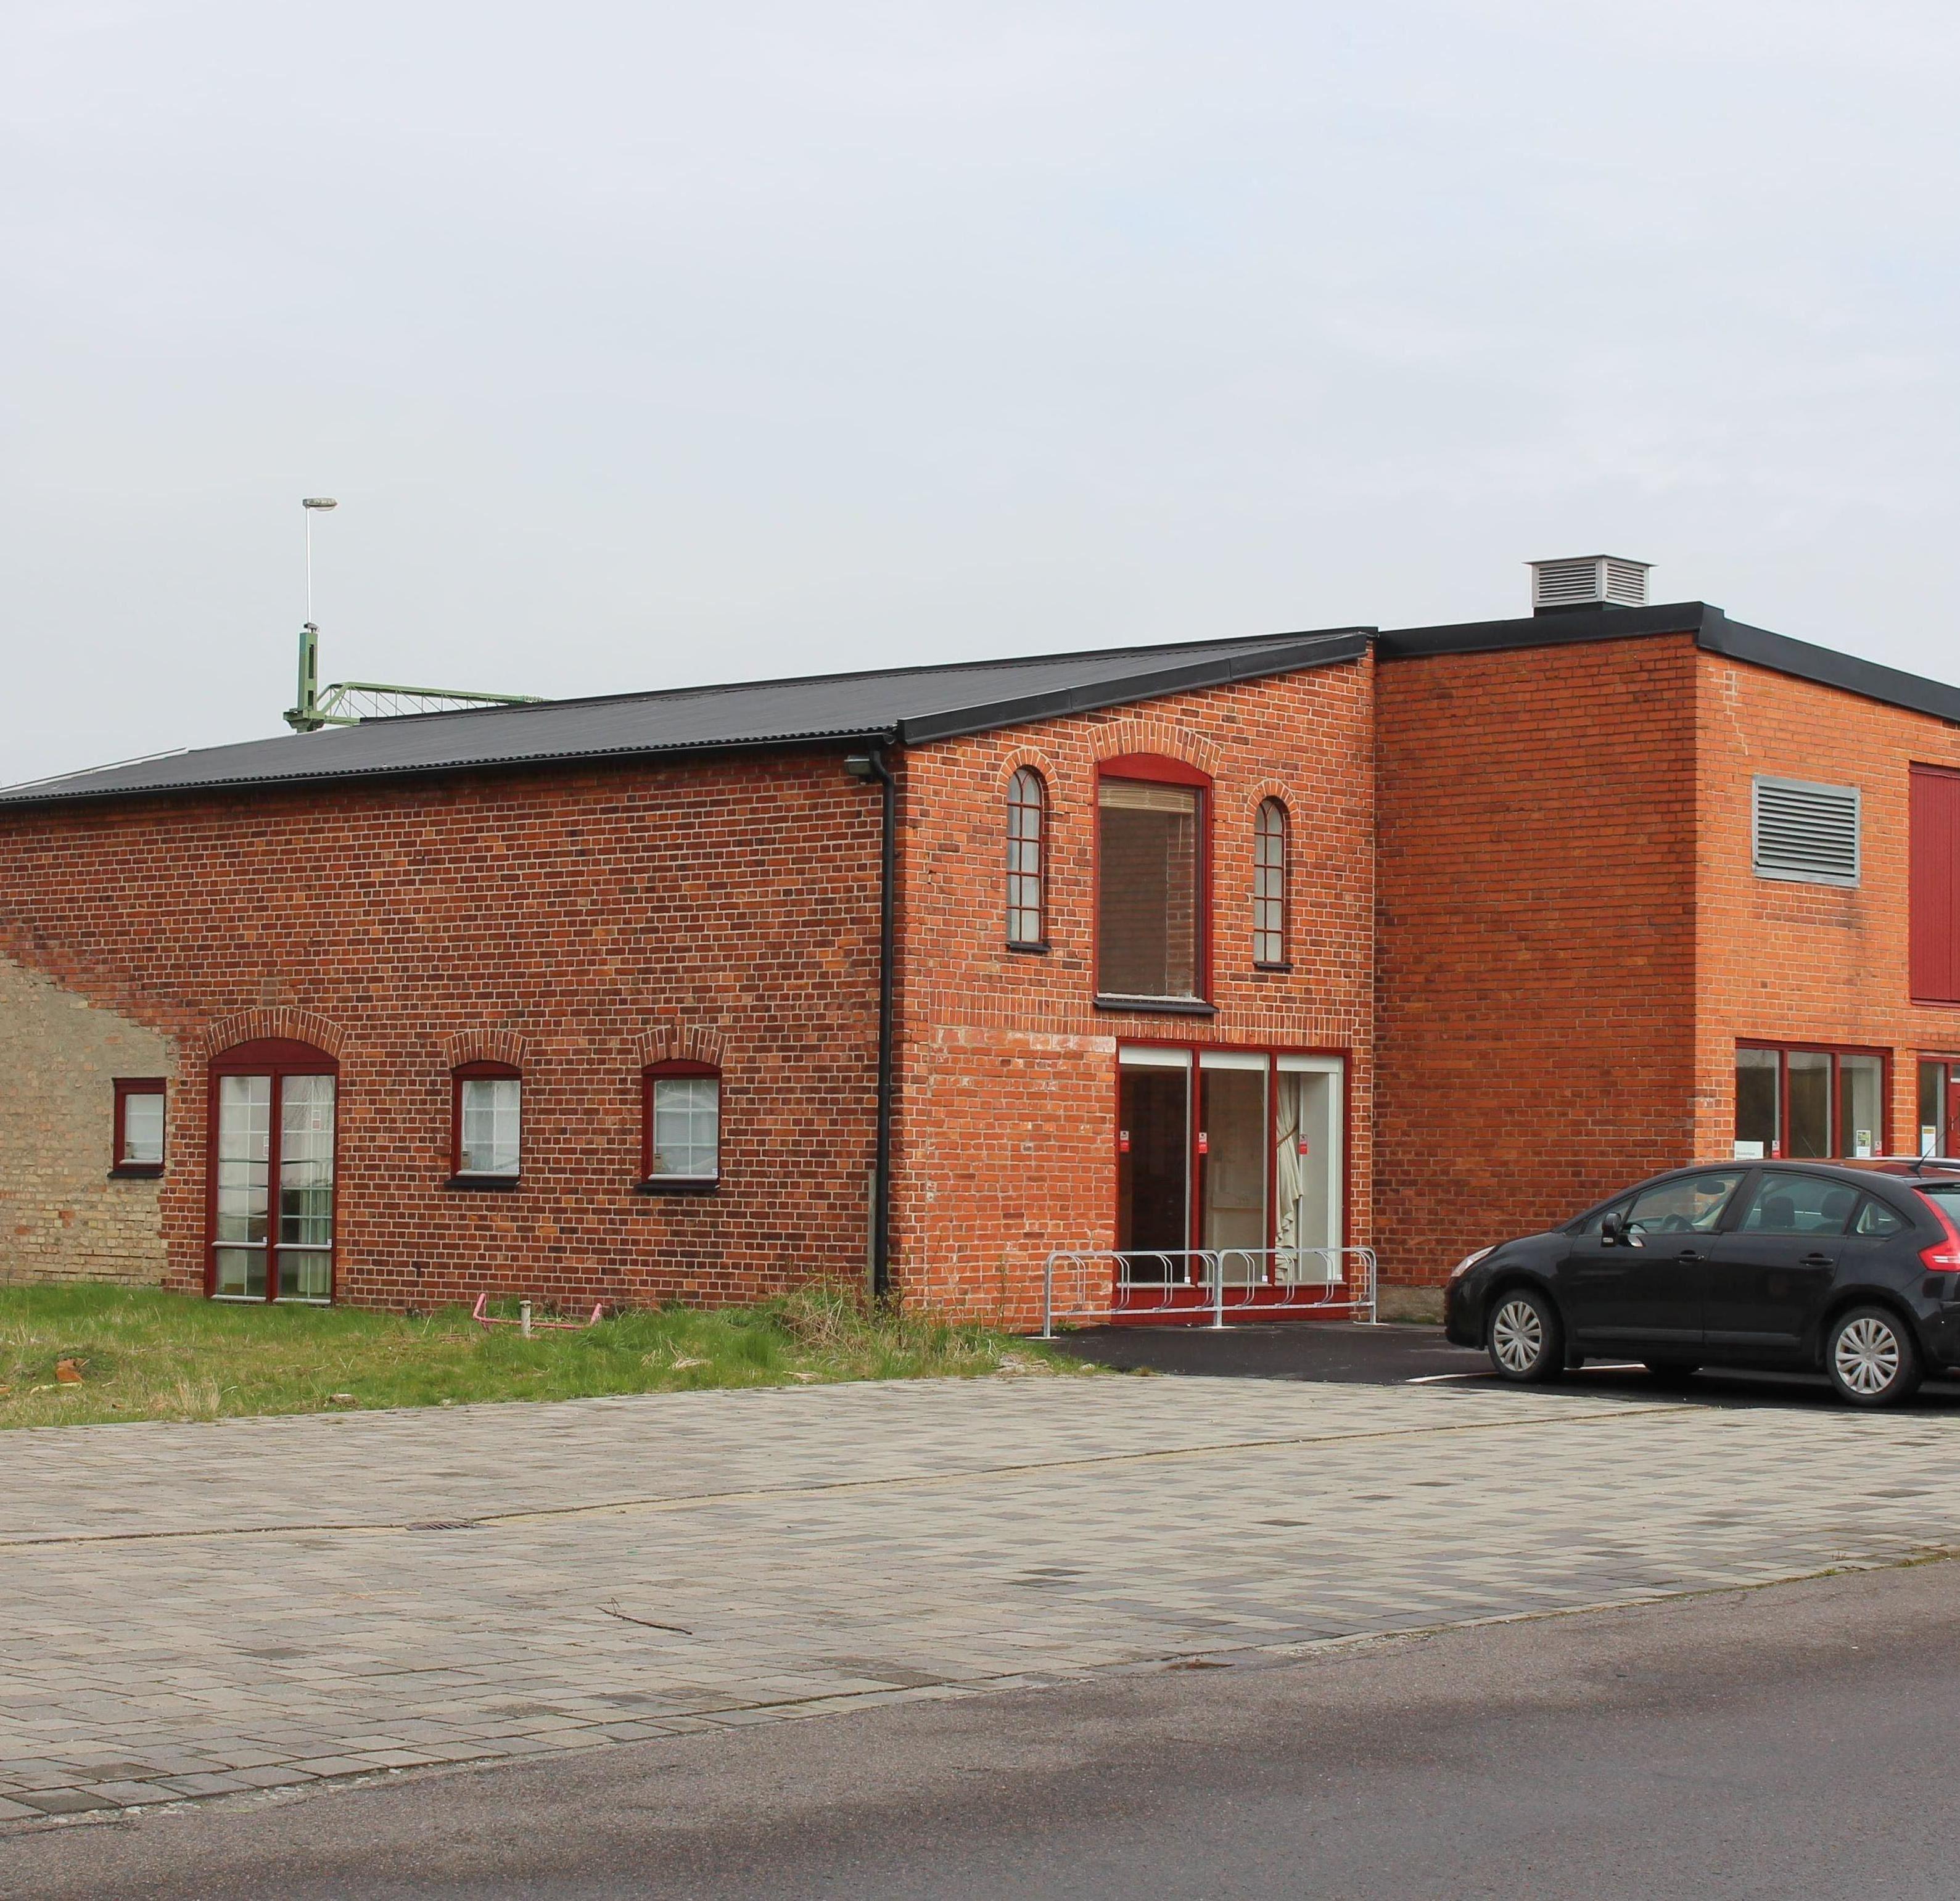 © Kävlinge kommun, Lilla kulturhuset Mejerigränden